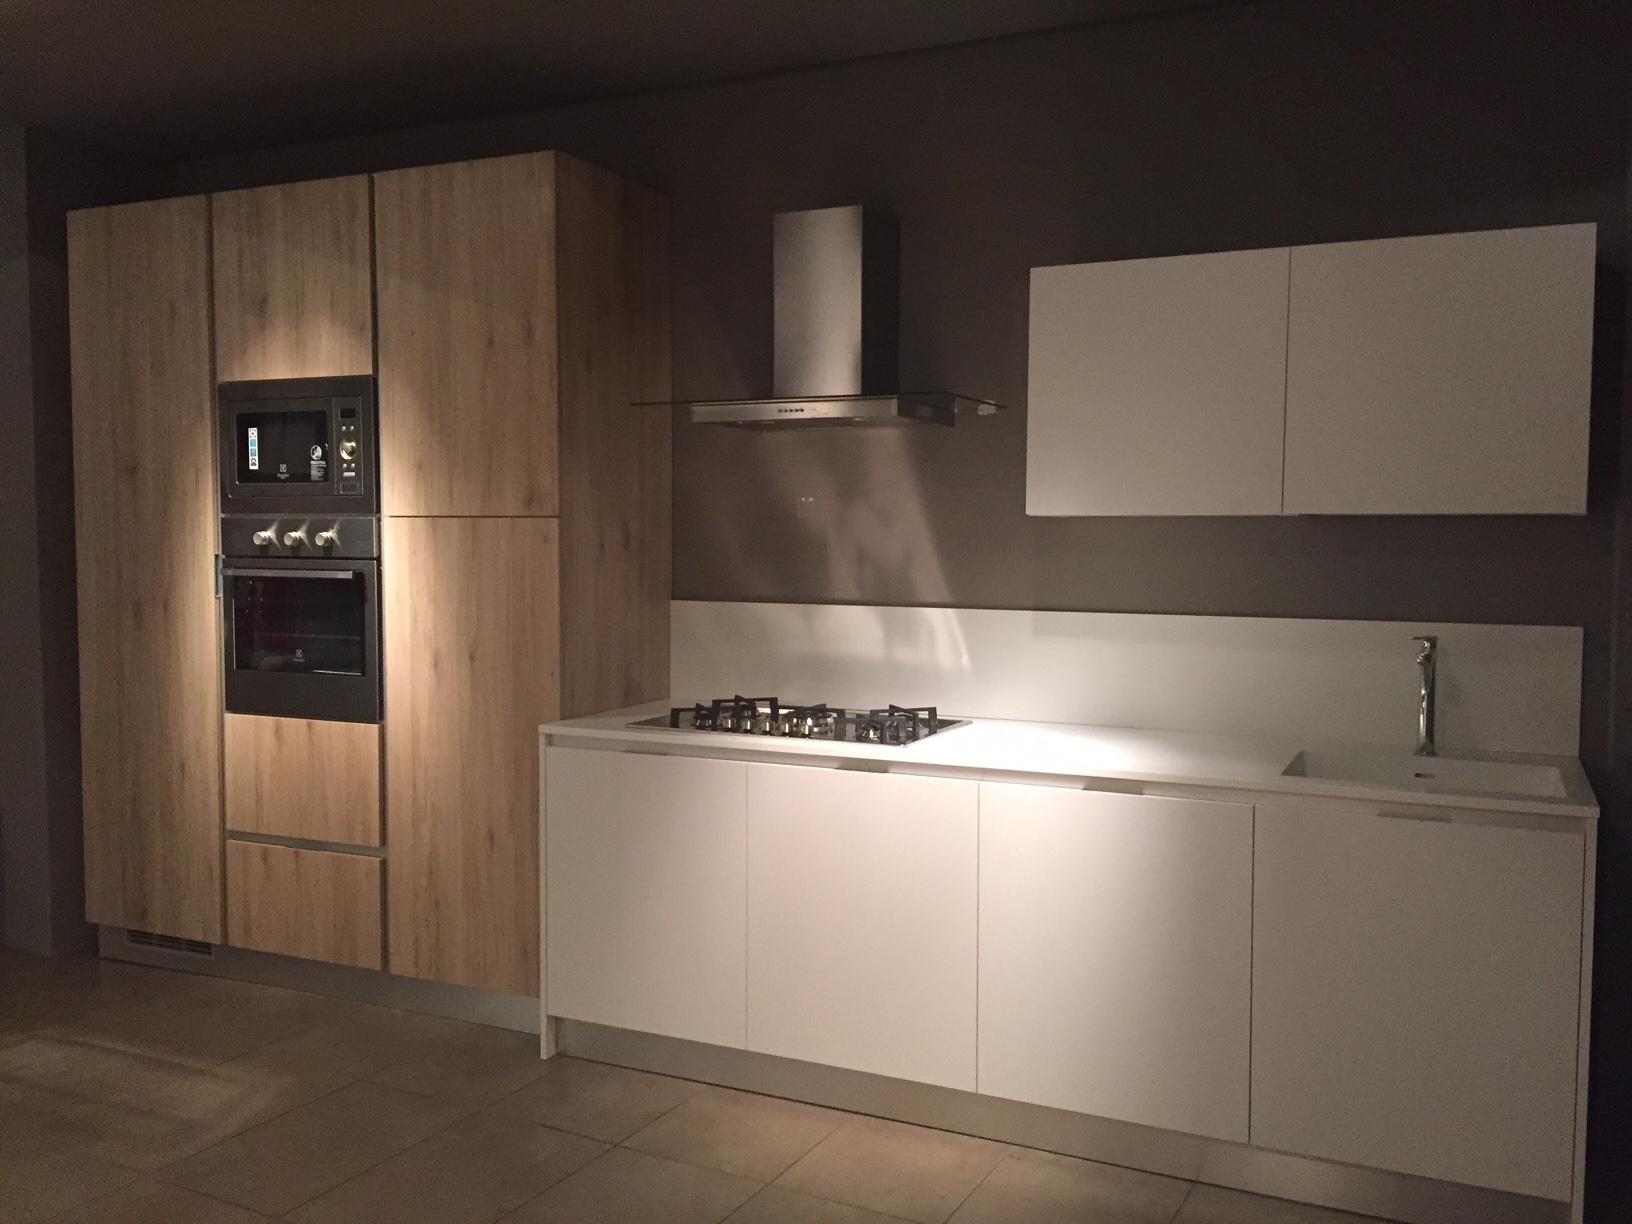 Top X Cucine Prezzi - Home Design E Interior Ideas - Refoias.net